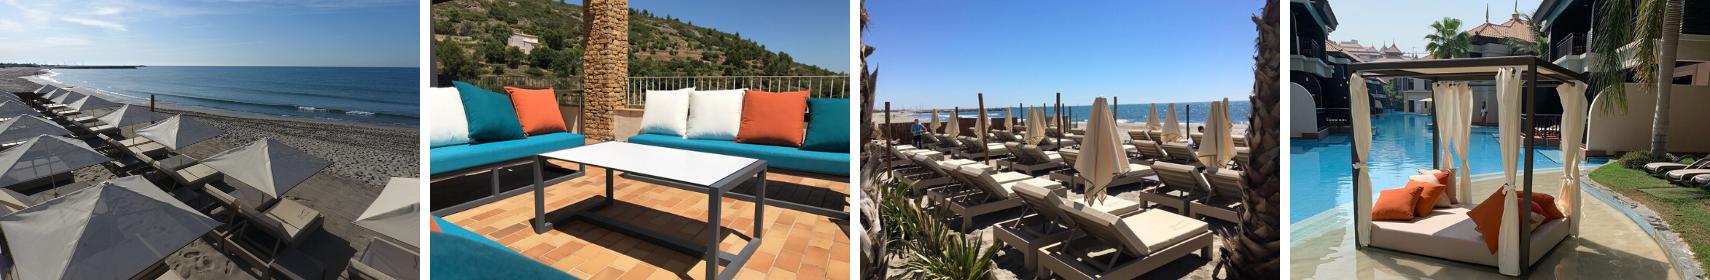 Mousses Etoiles - Fabrication matelas, beds, parasols professionnels, bain de soleil